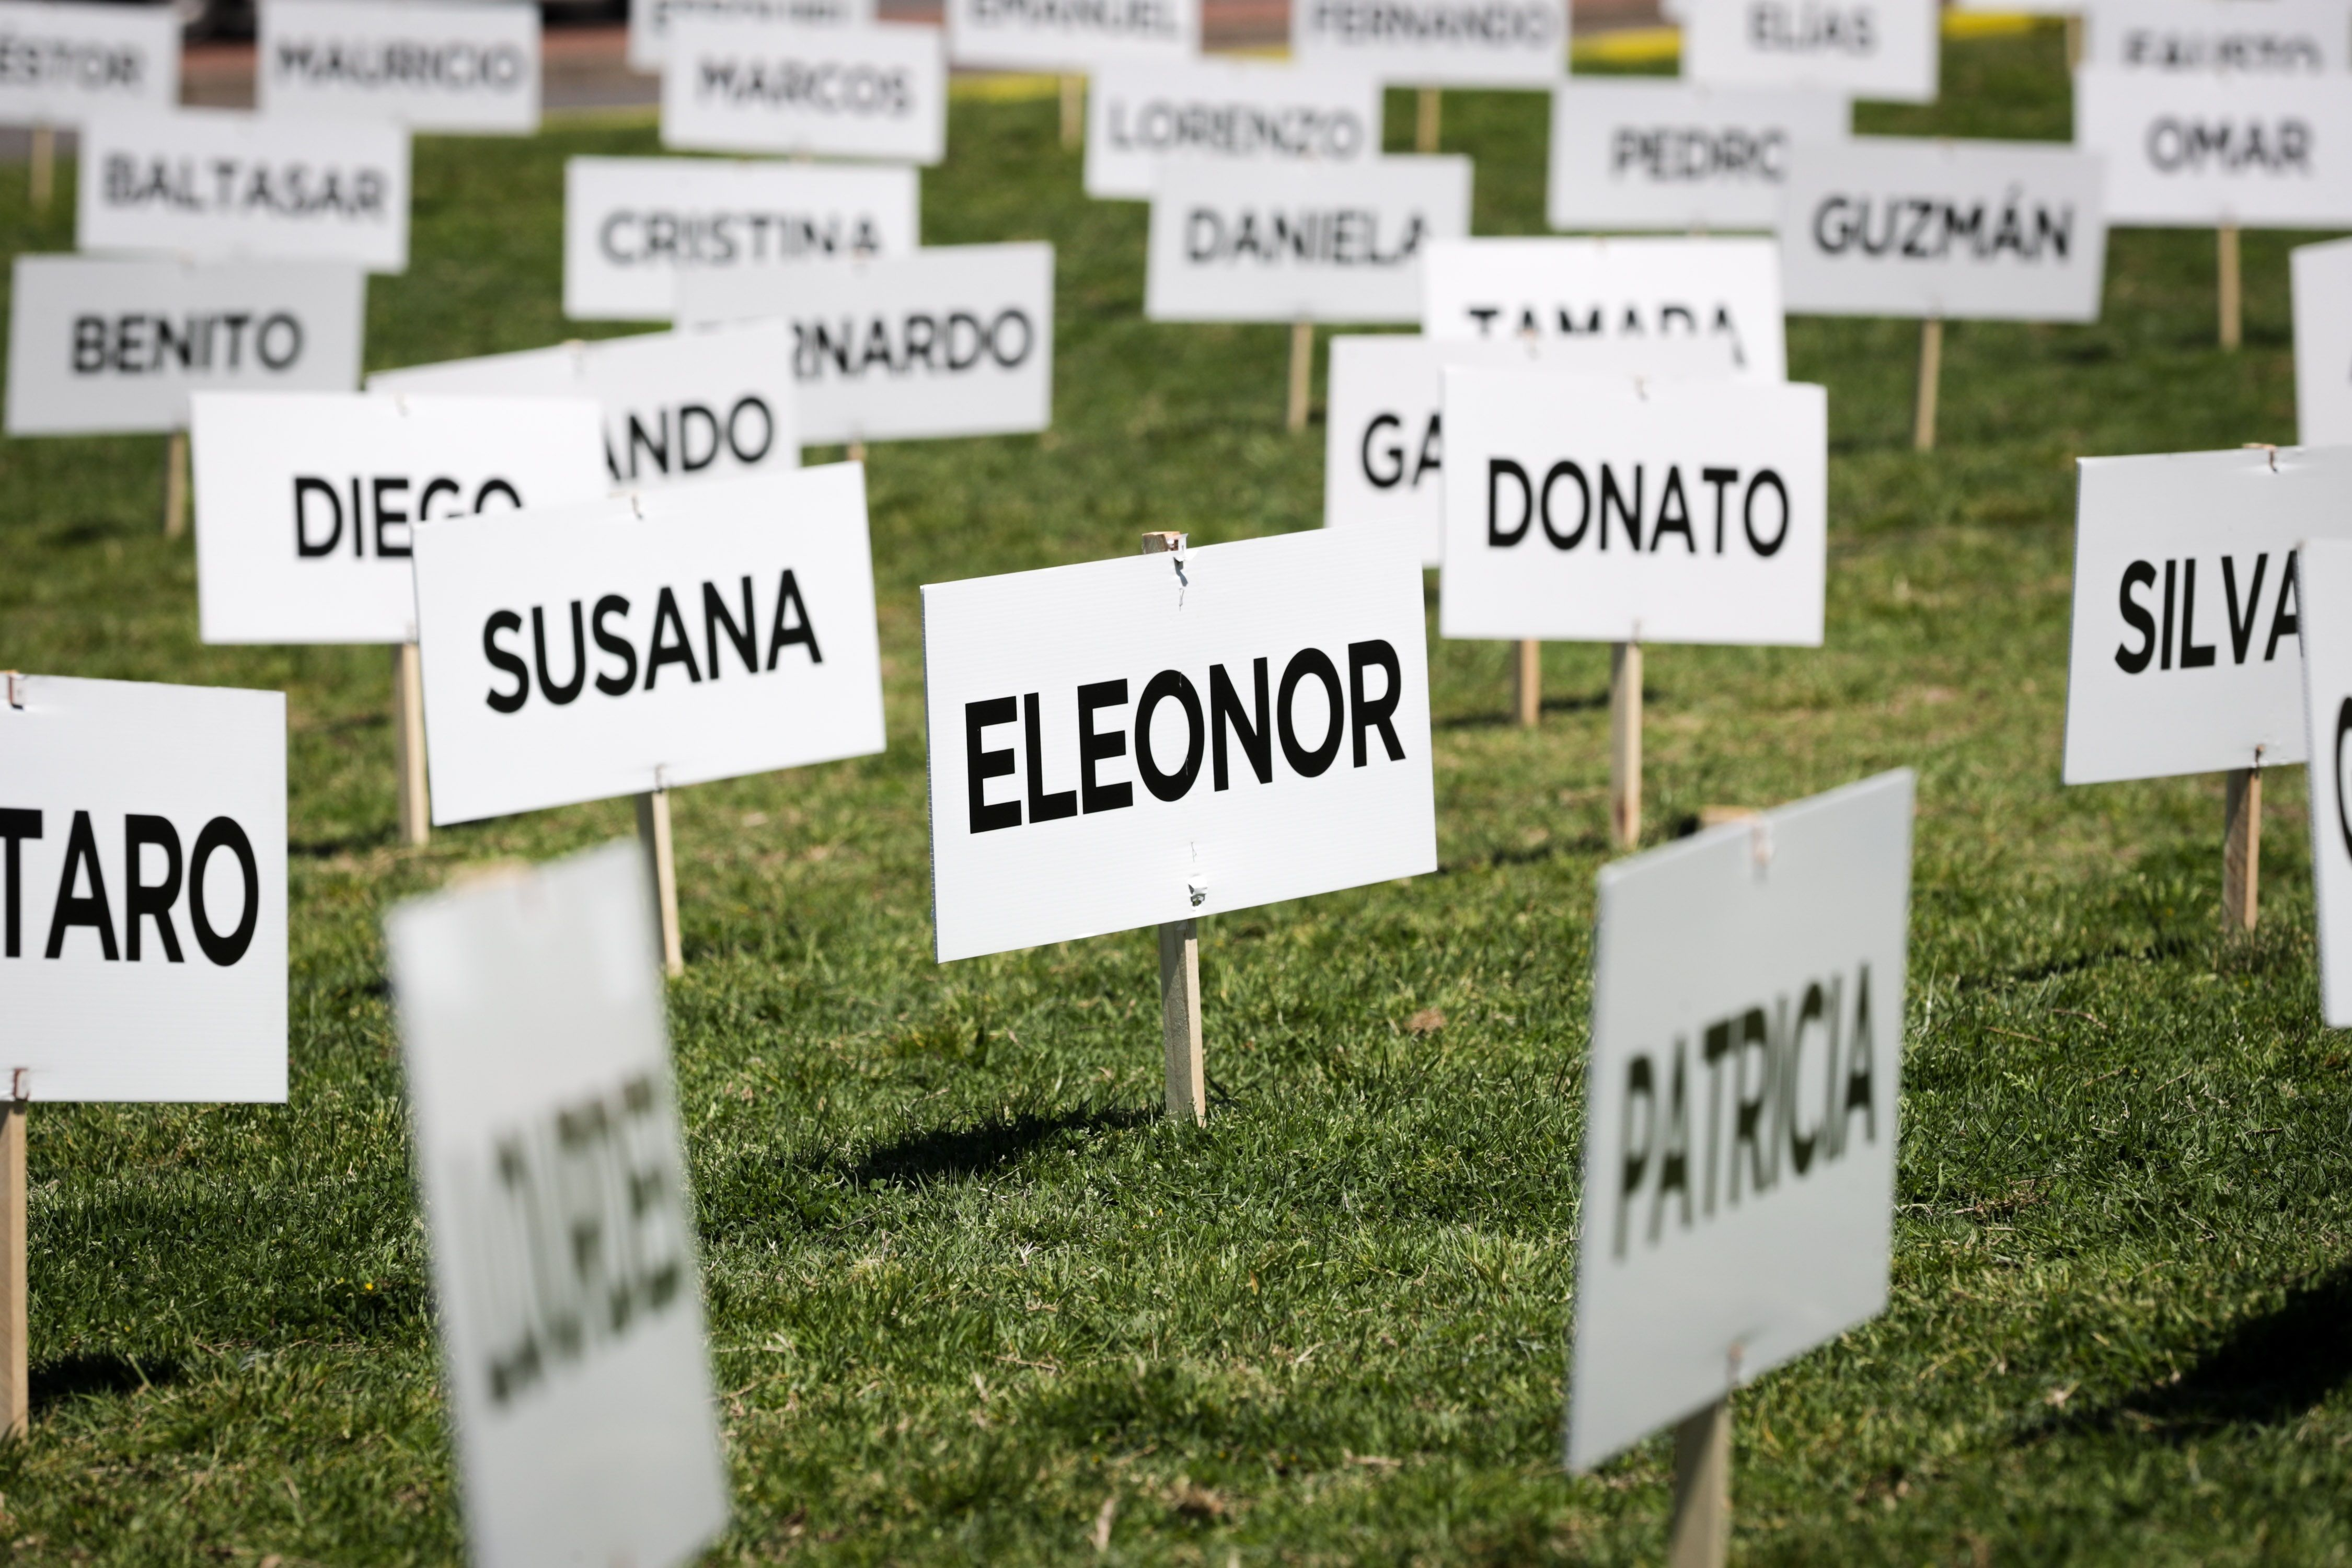 Fotografía de afiches con nombres de personas que perdieron la vida en accidentes de tránsito (EFE)